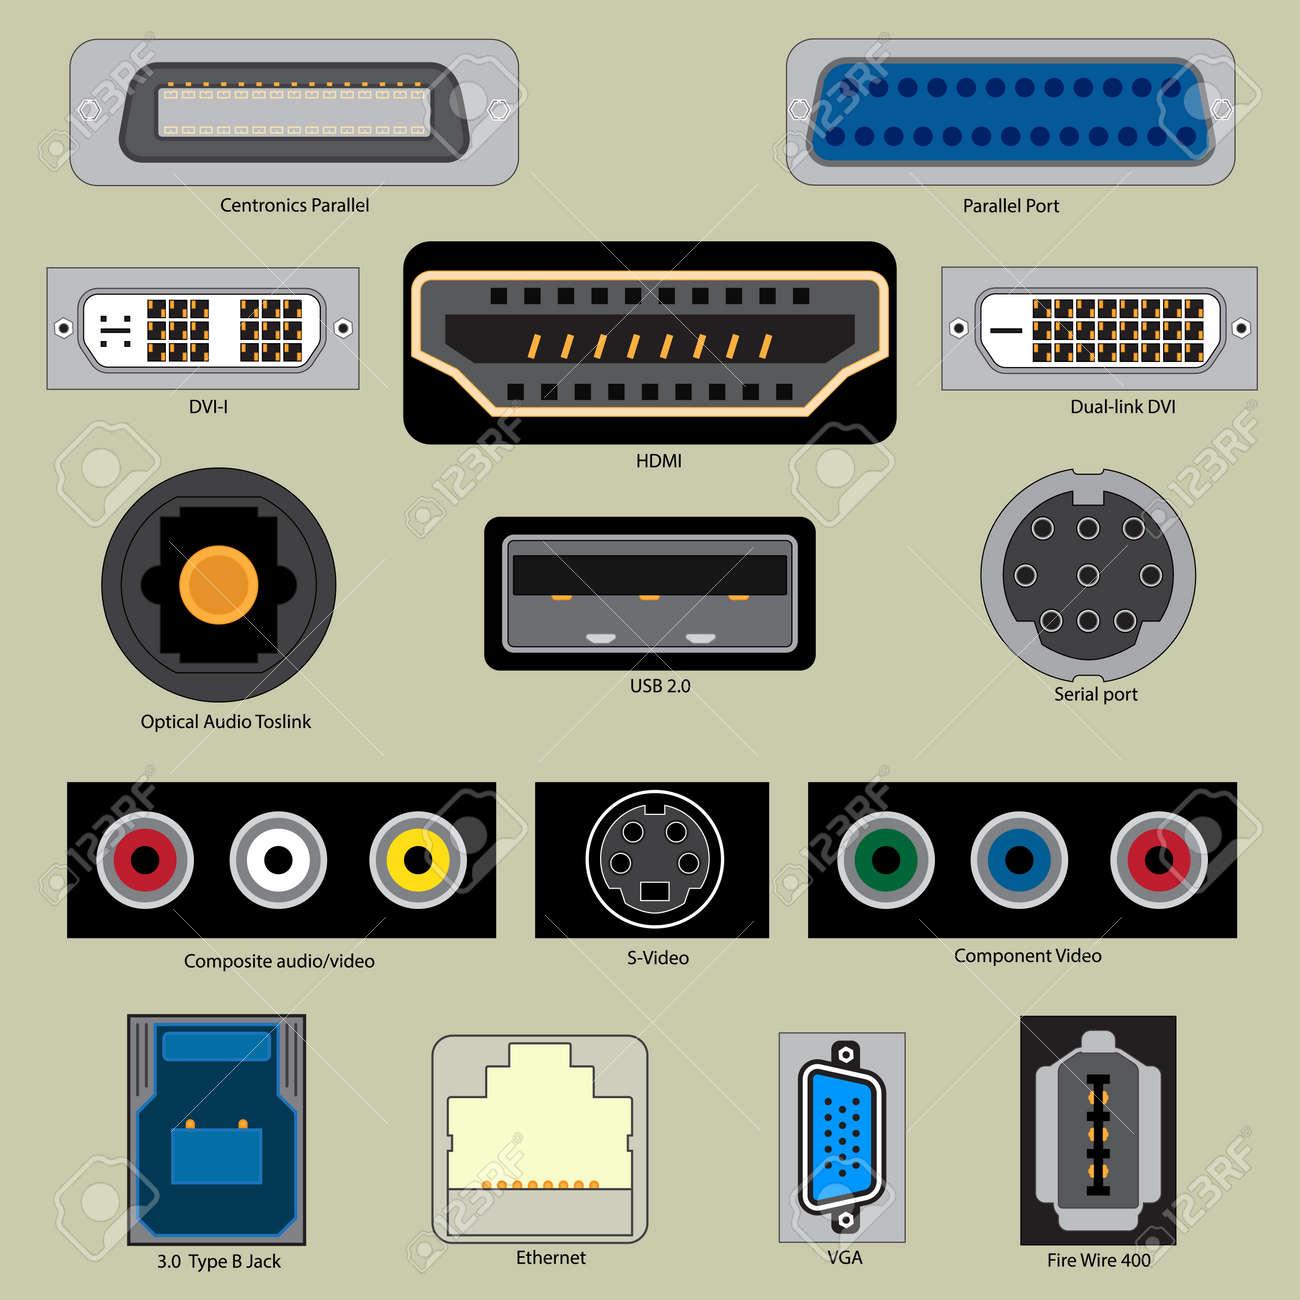 Relativ Eine Reihe Von Computer-Ports. Anschließen Der Kabel An Den NO93